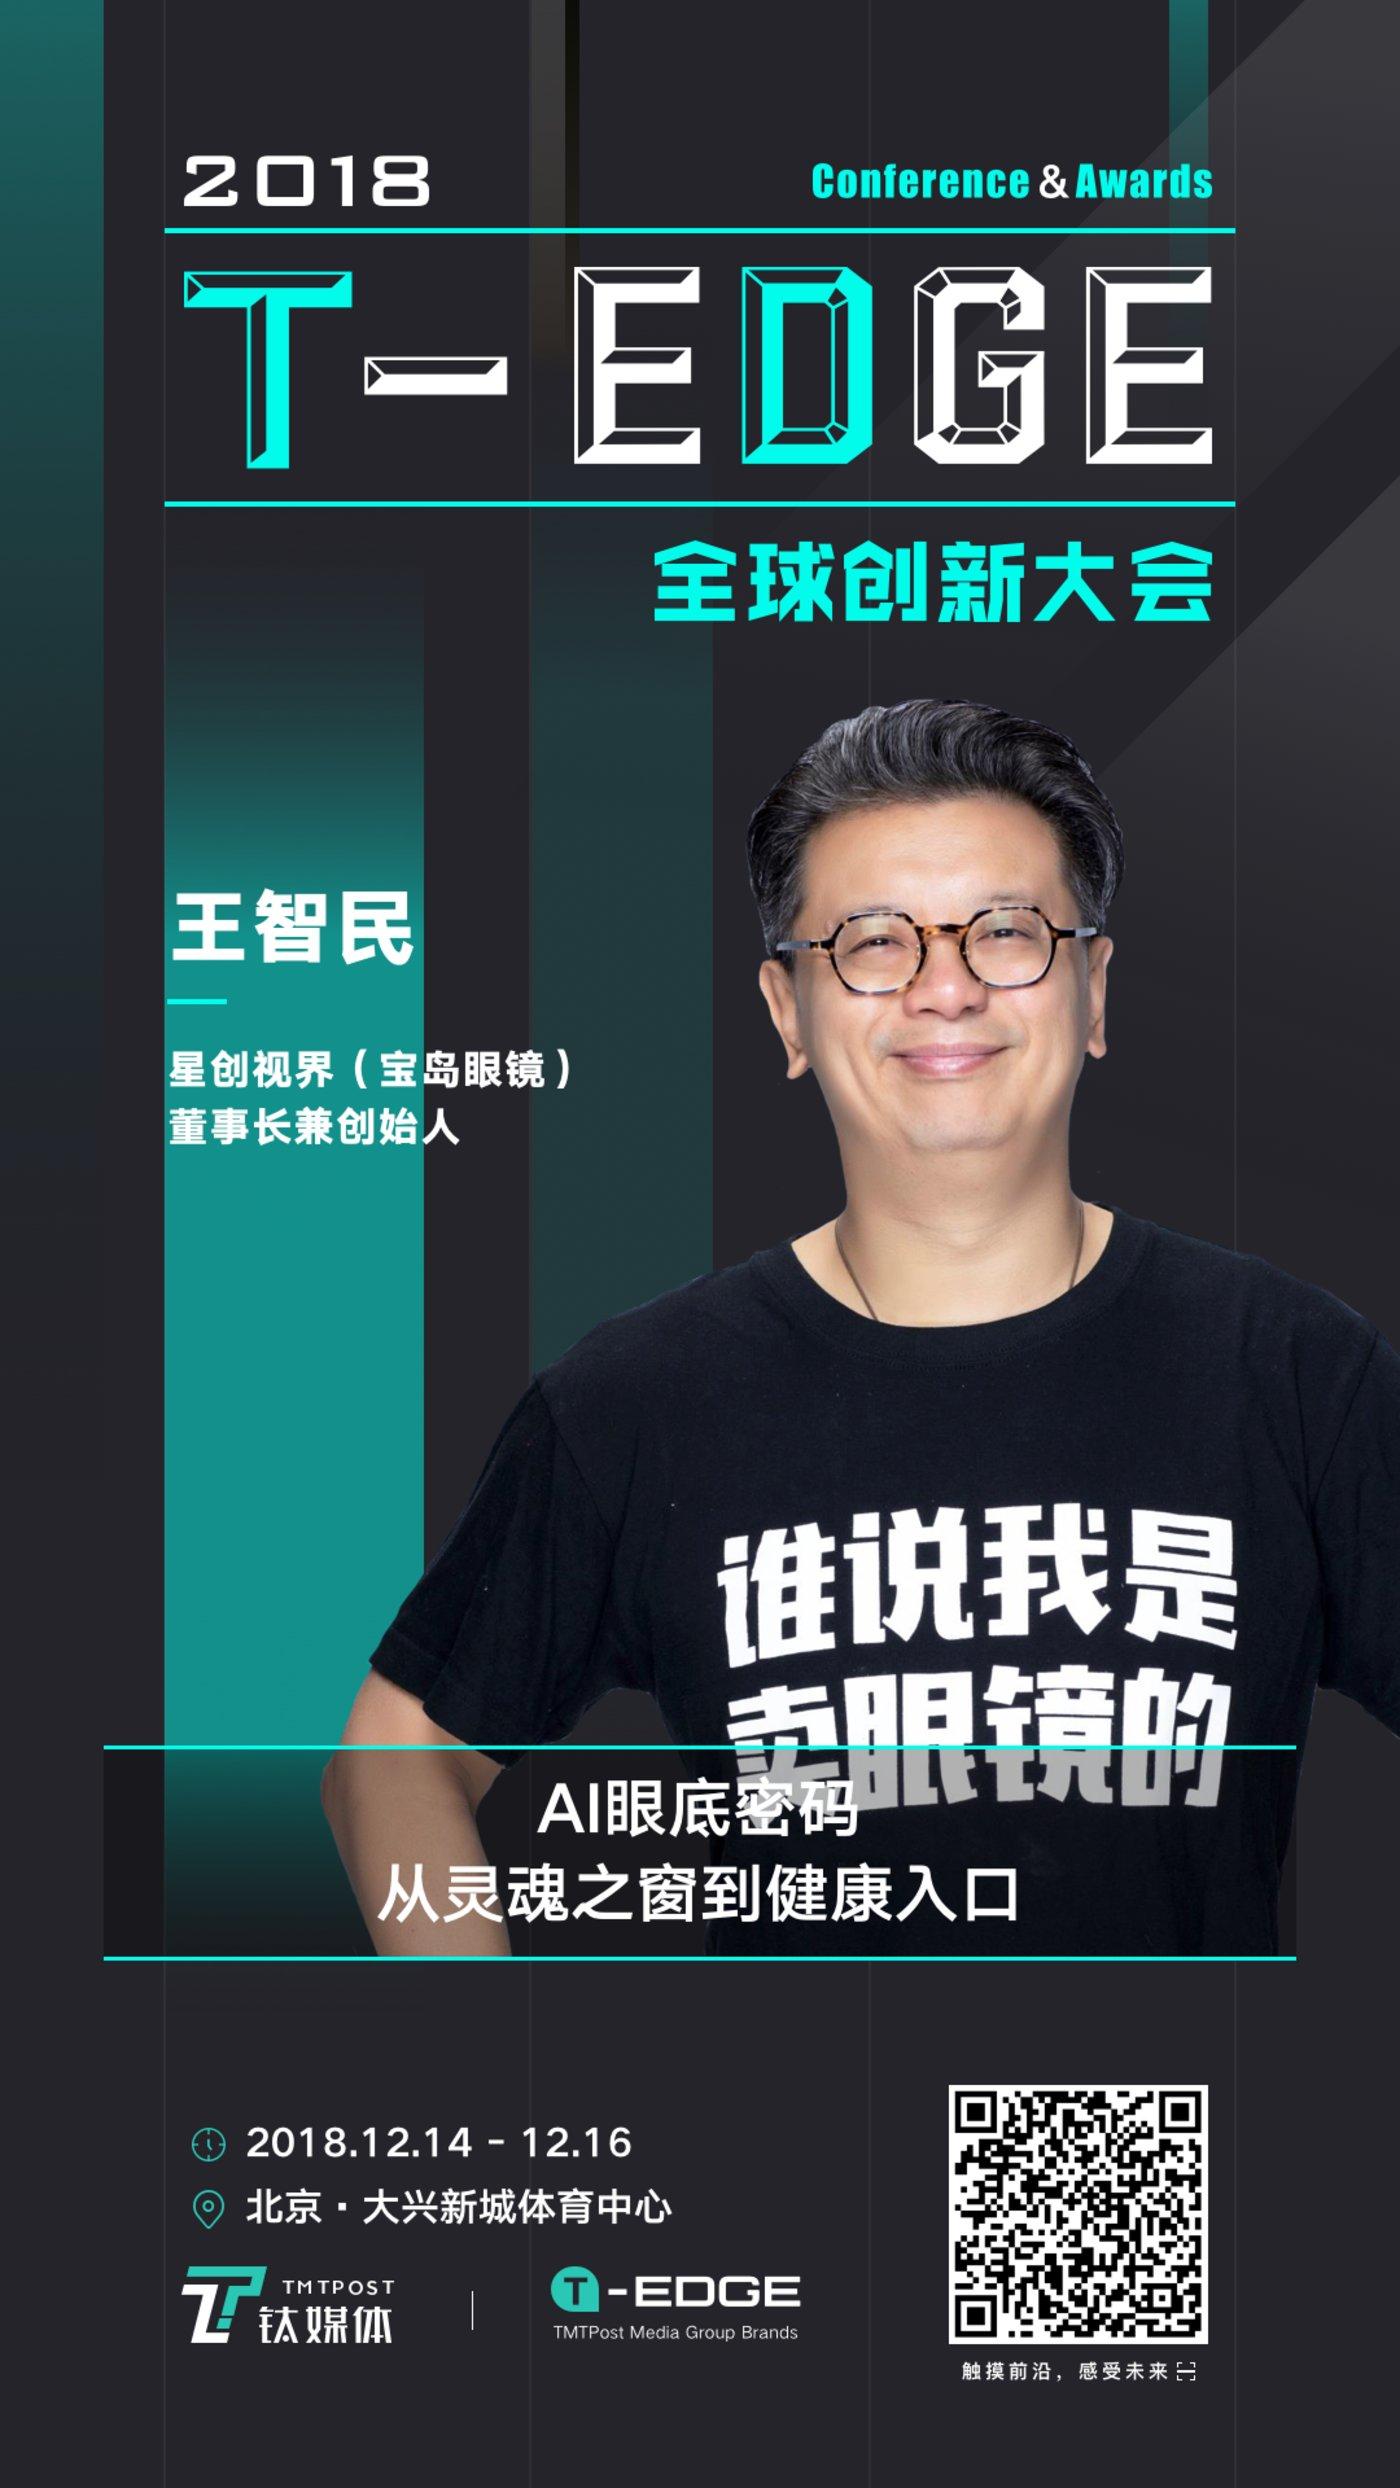 12月15日,王智民将受邀来到钛媒体 T-EDGE 全球创新大会